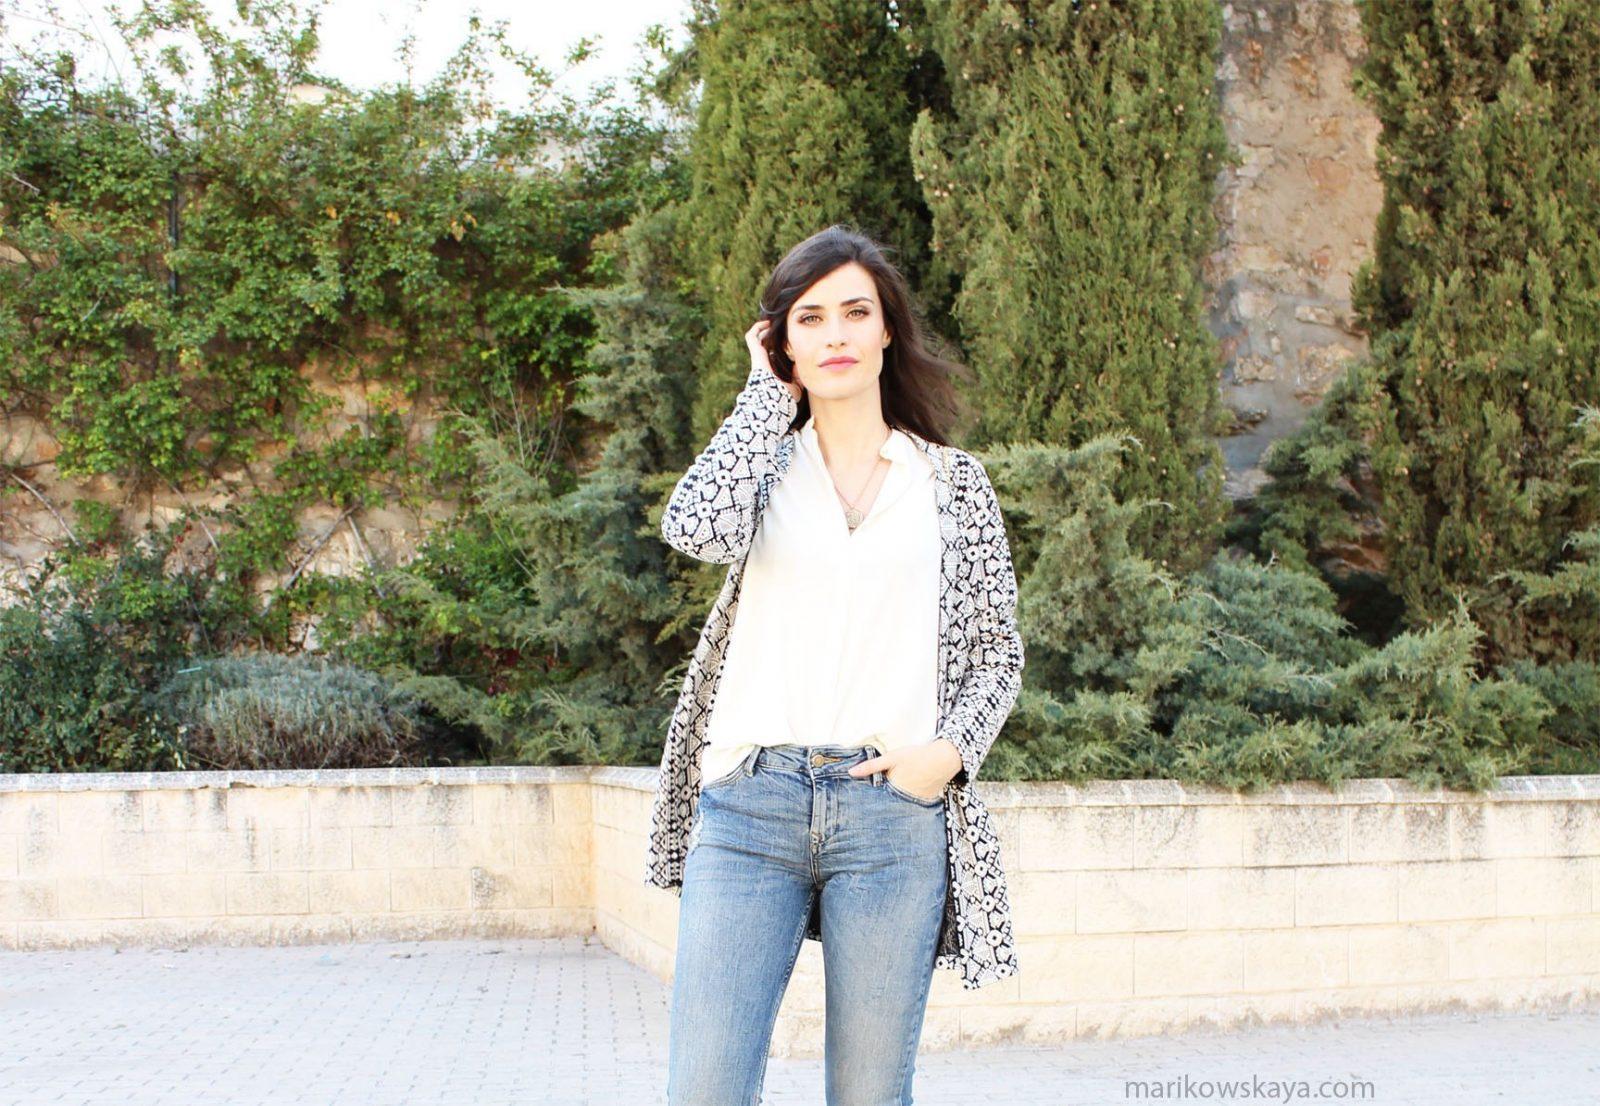 marikowskaya street style ripped jeans 7